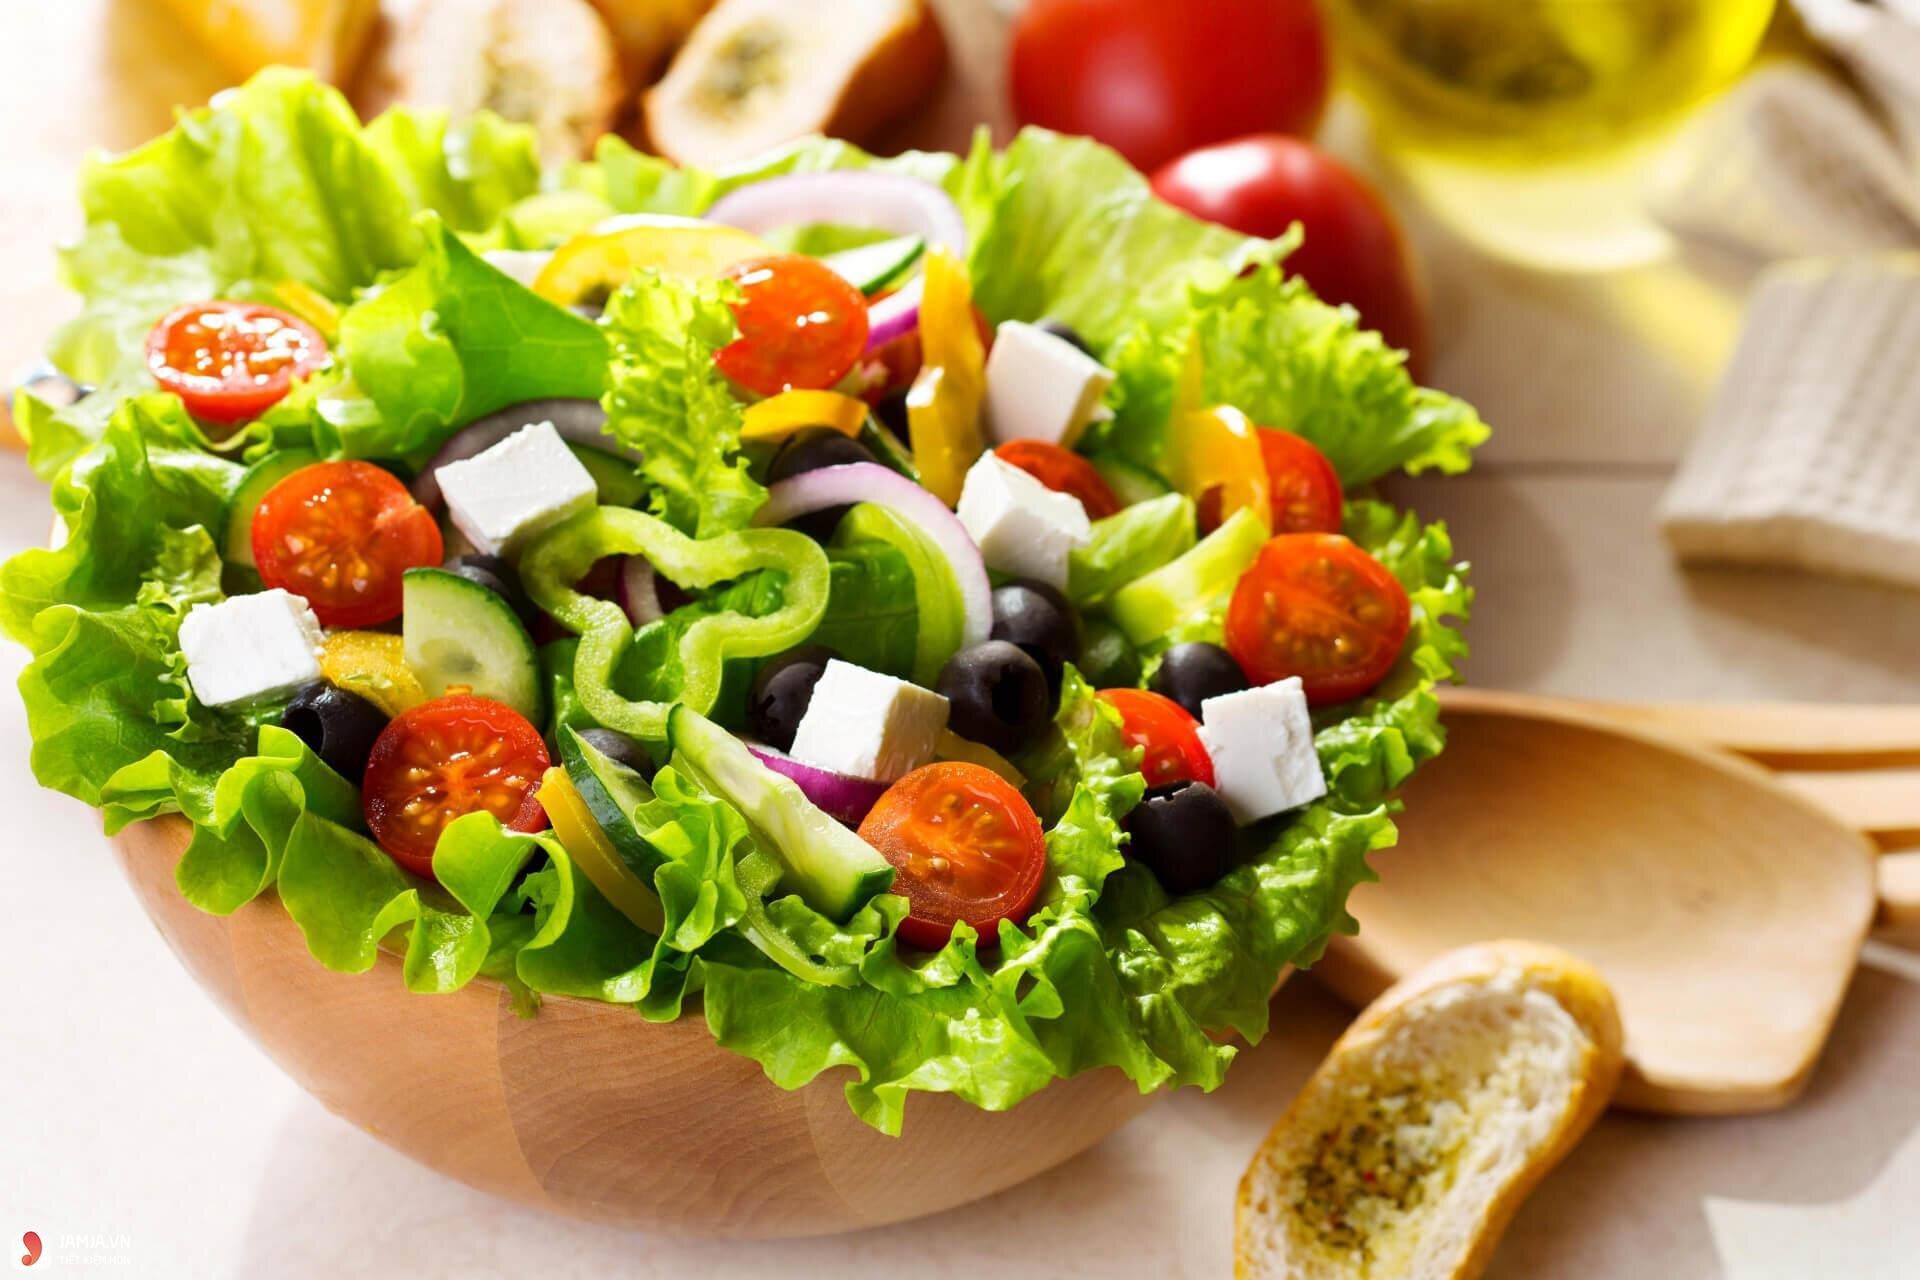 Chỉ nên sử dụng dầu hướng dương để tẩm ướp, trộn salad